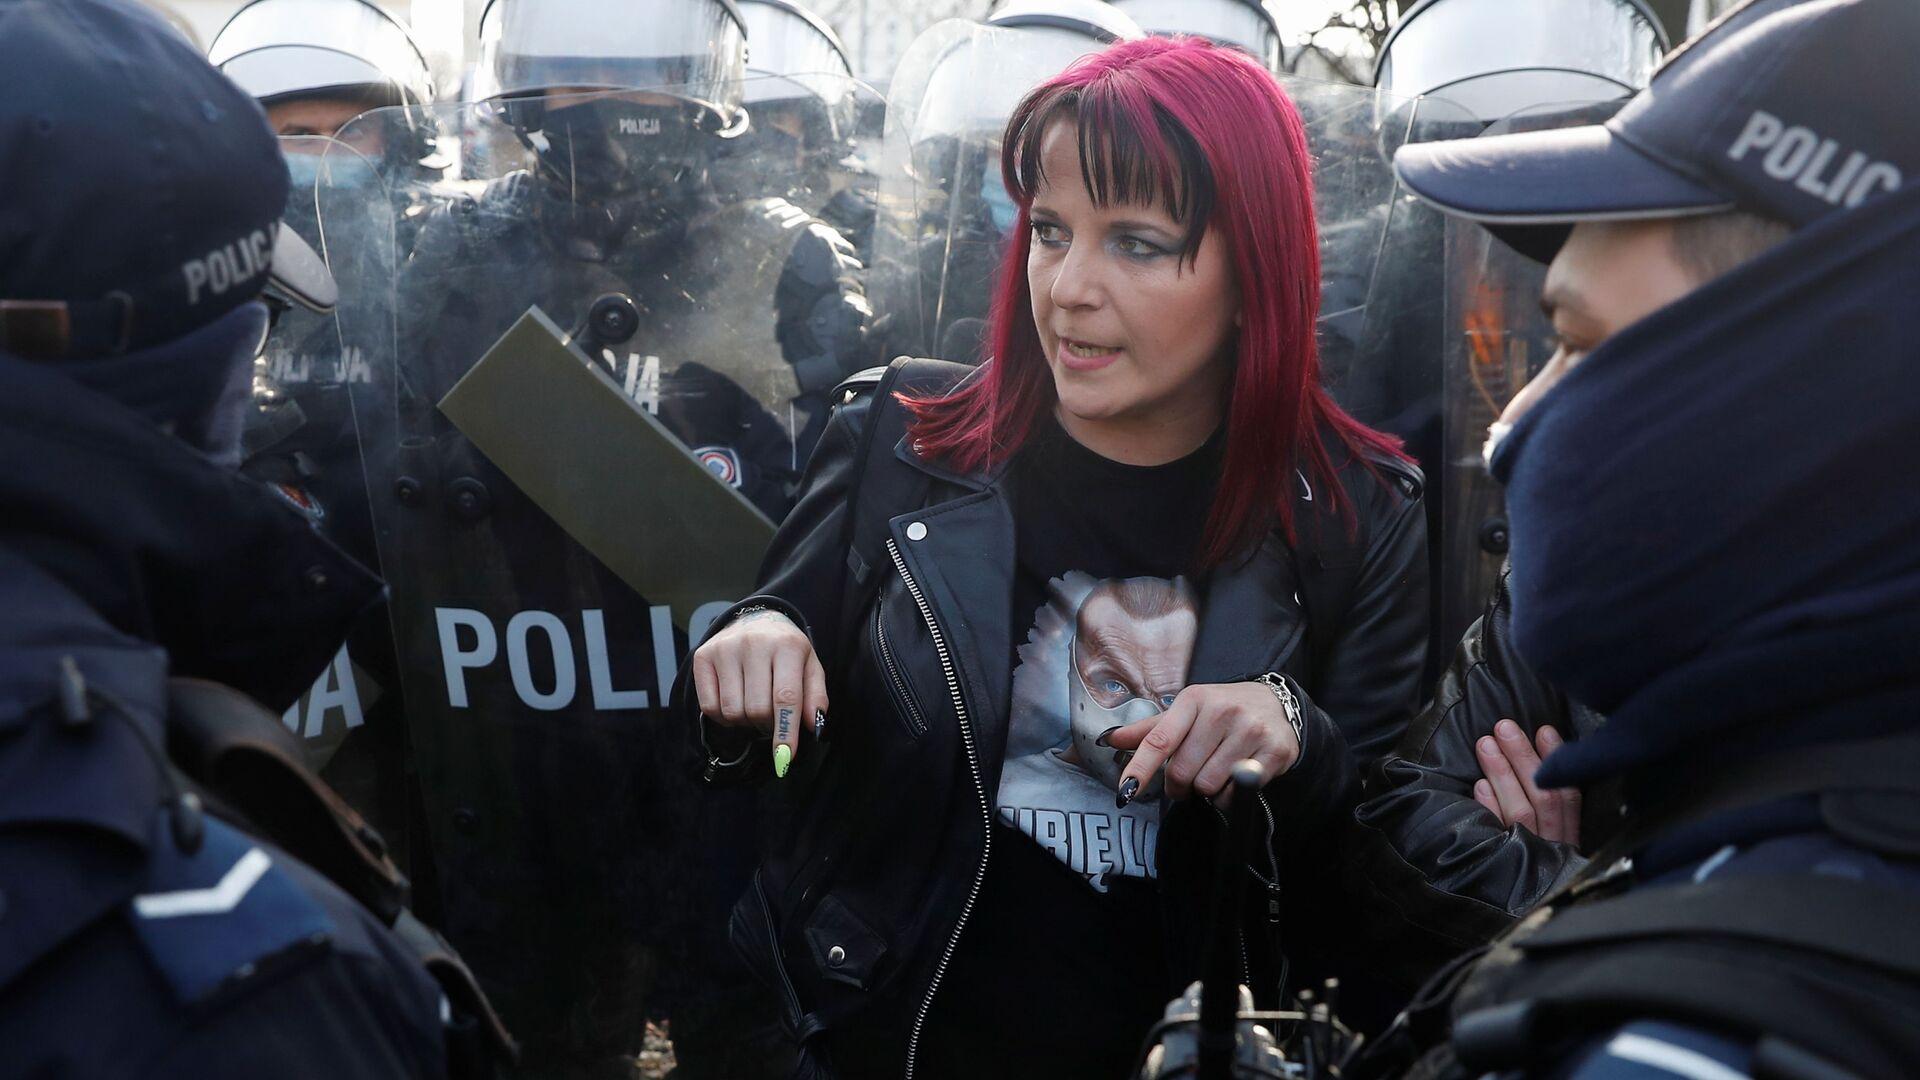 Protesty w Warszawie, 10 kwietnia 2021 roku - Sputnik Polska, 1920, 13.04.2021